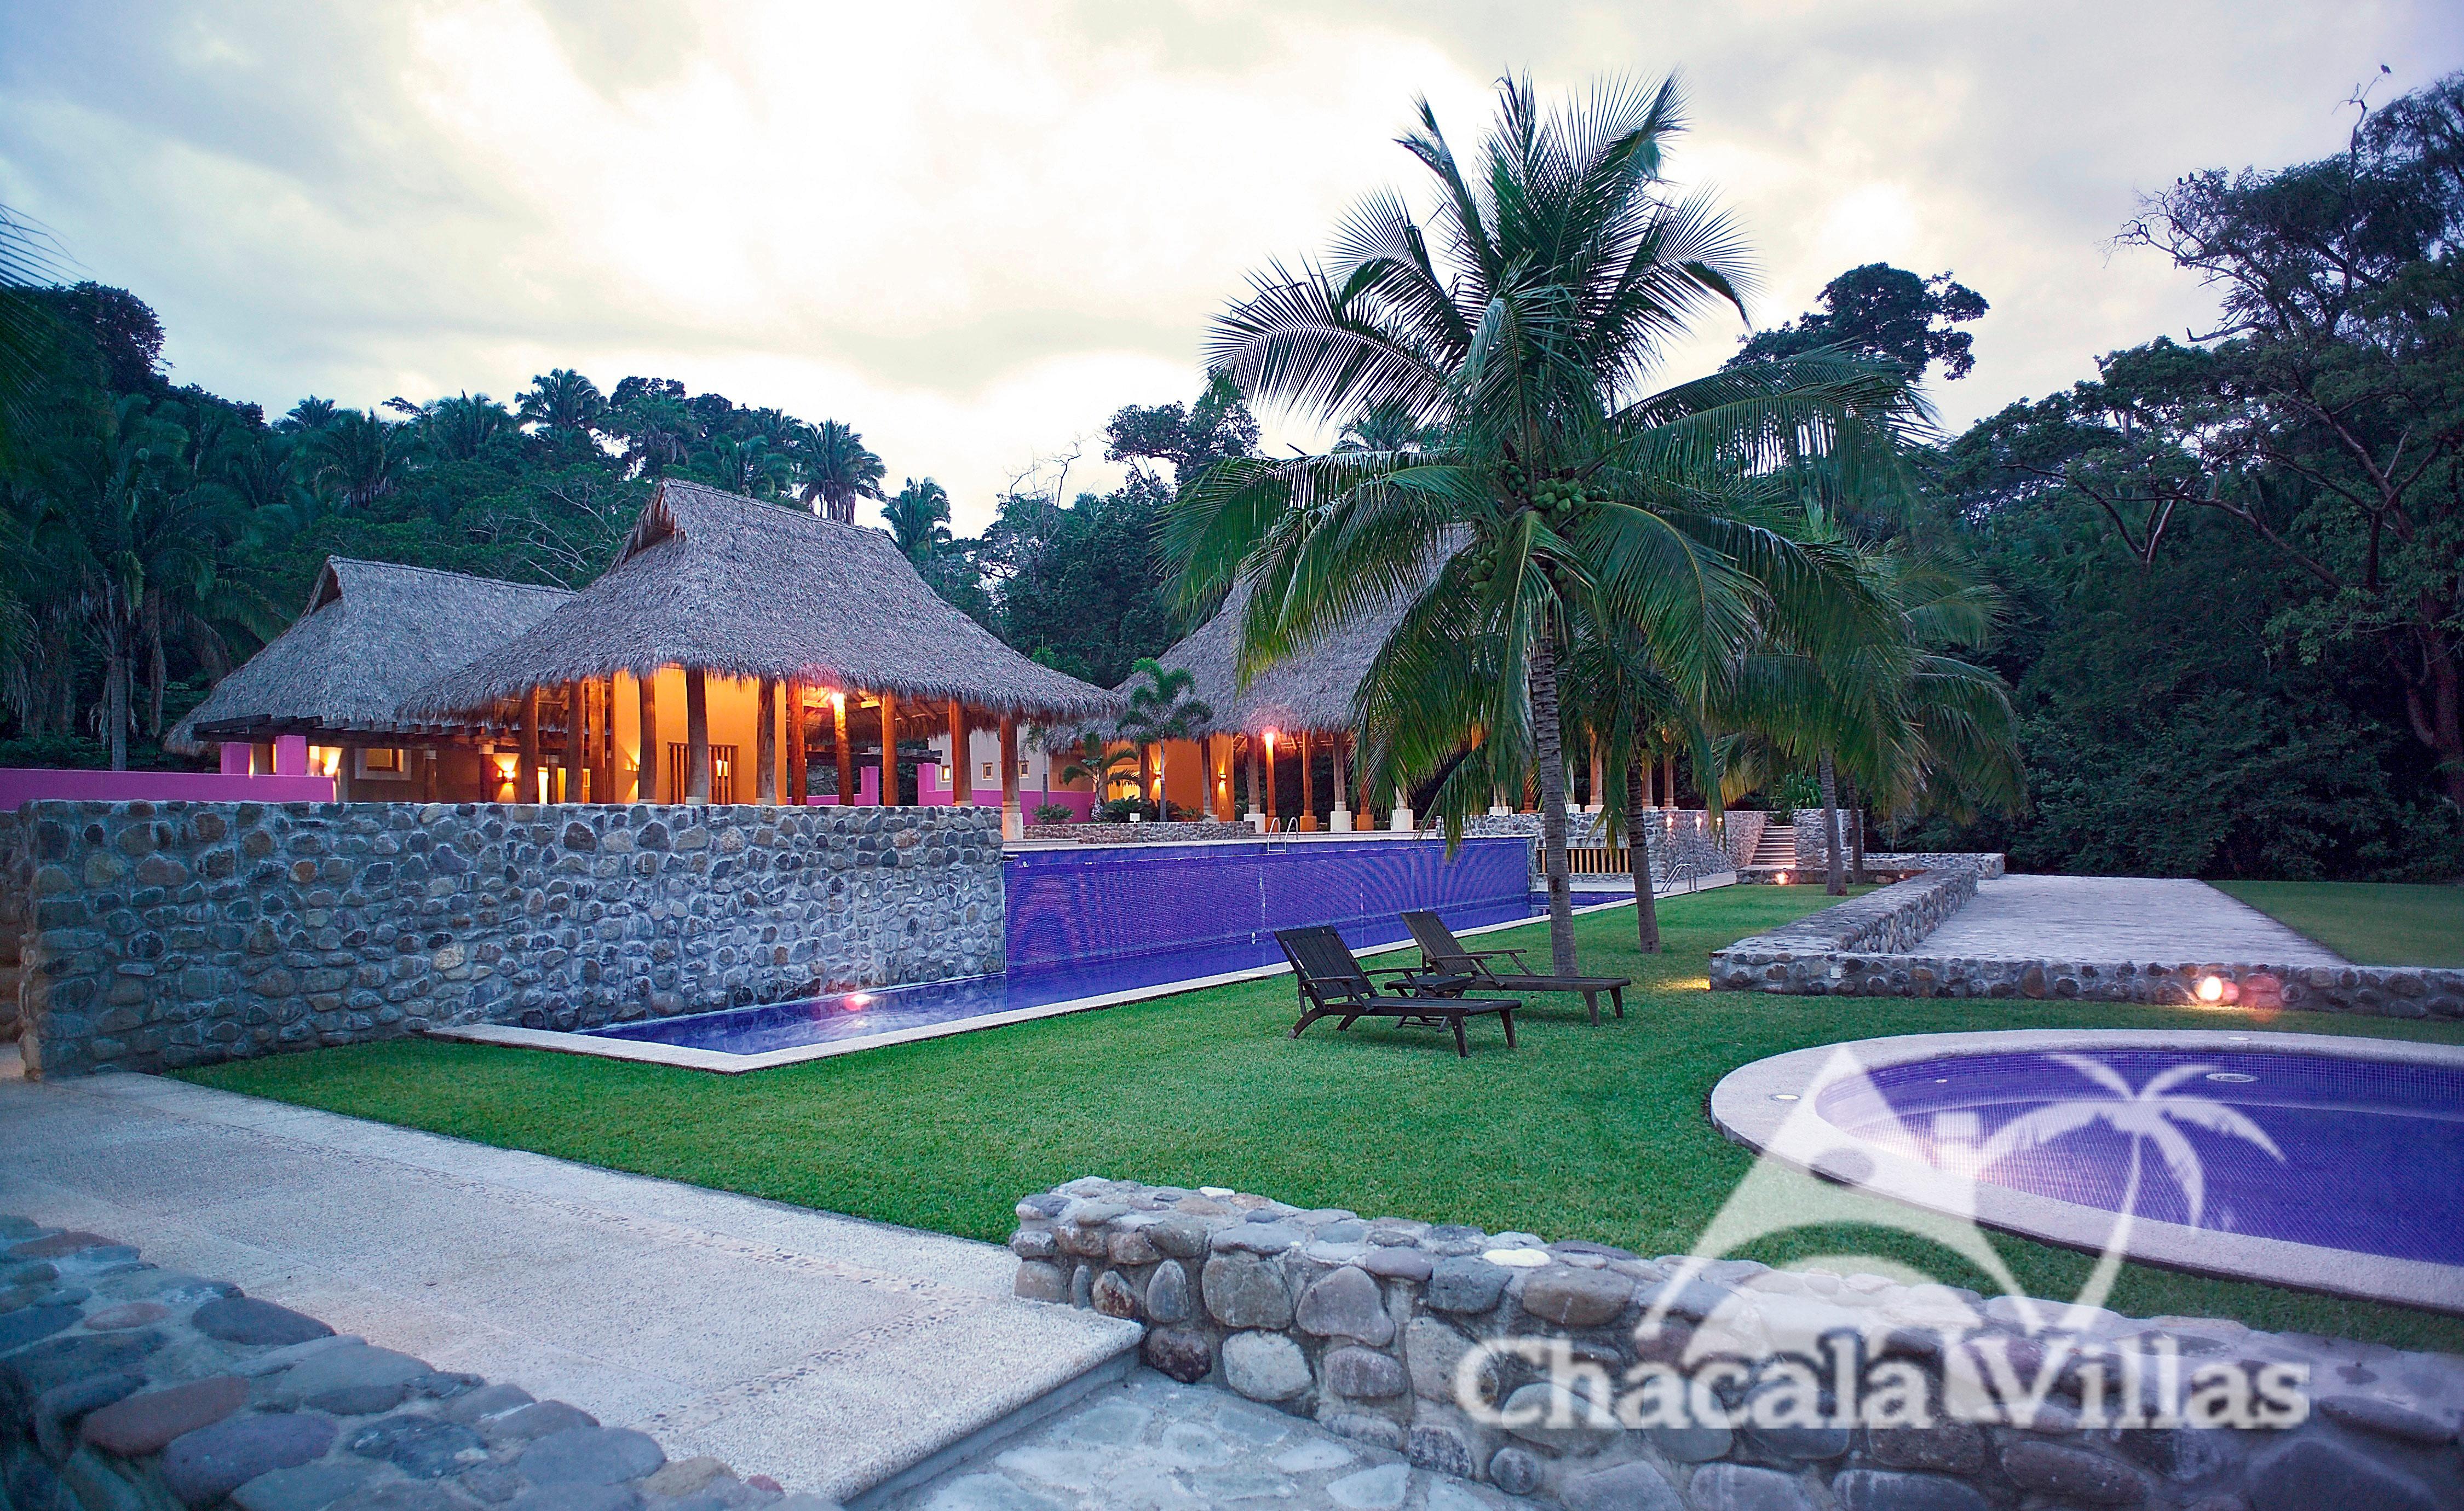 Marina-chacala-beach-club-2-CHV-logo-web